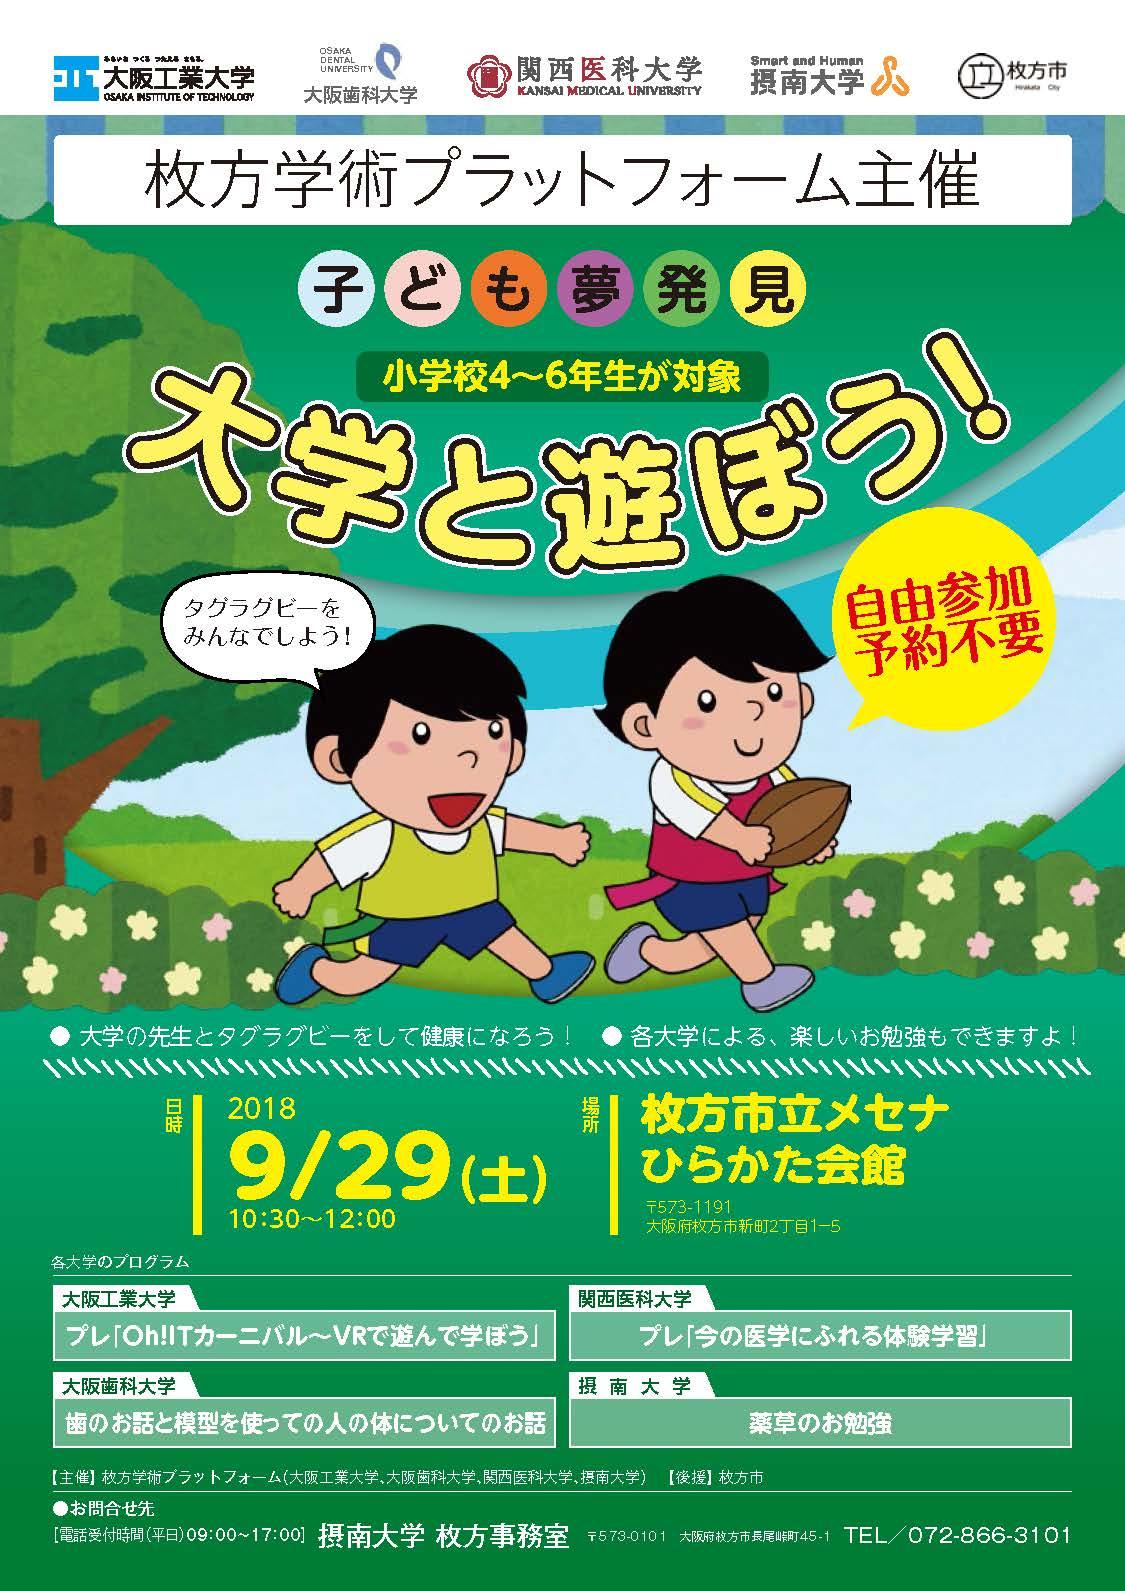 9/29子ども夢発見 大学と遊ぼう!